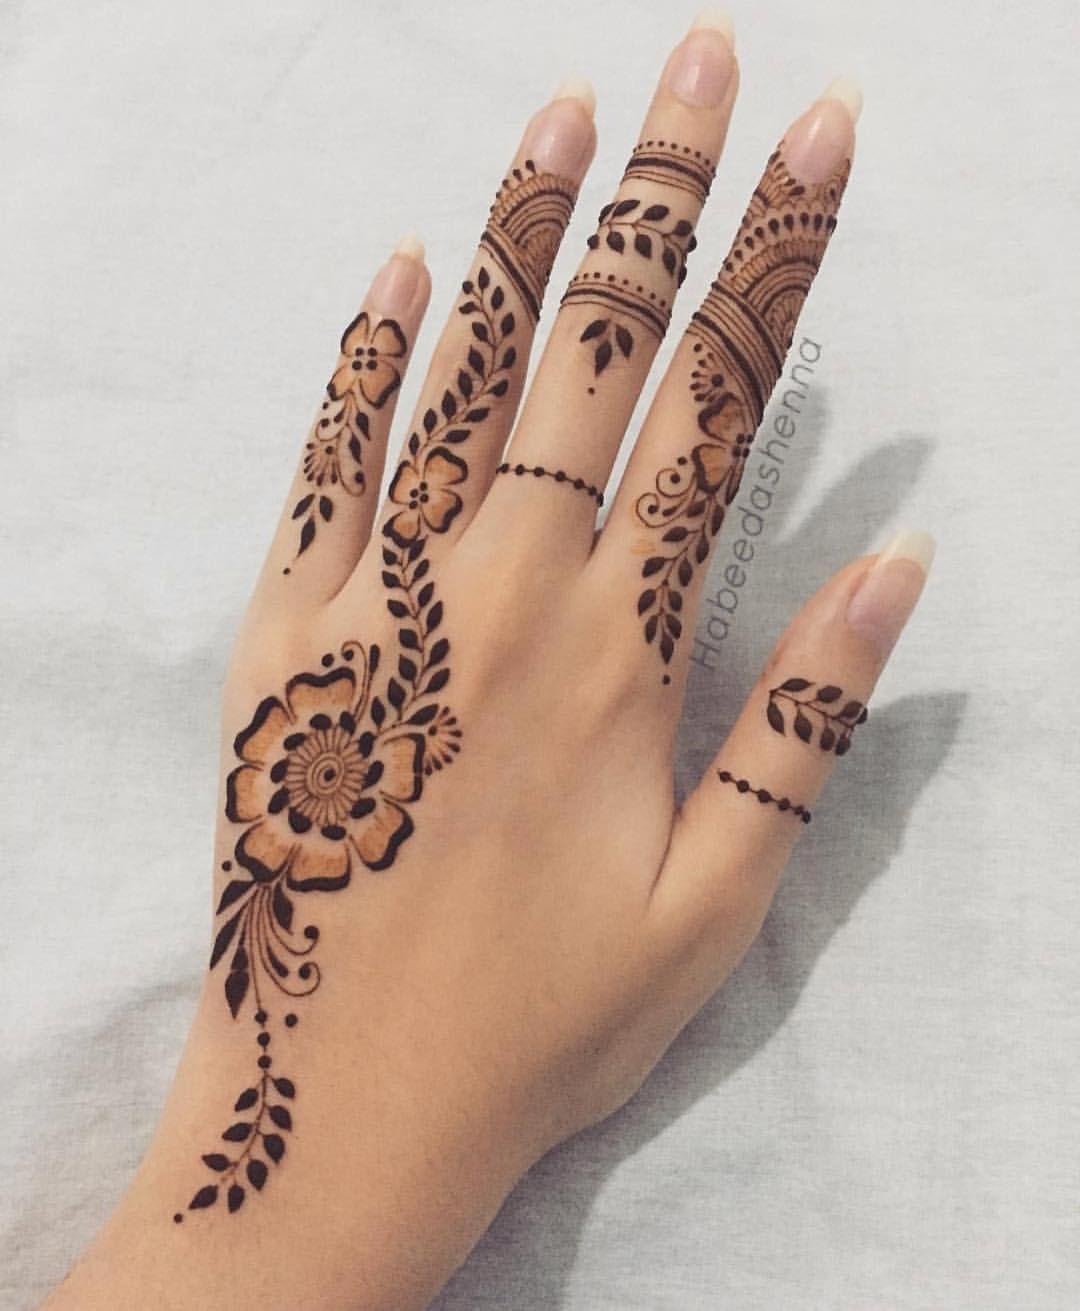 شاركونا حناء العيد شرايكم بالنقش اكتب شی تؤجر علیه الحس Beginner Henna Designs Henna Tattoo Designs Henna Tattoo Hand